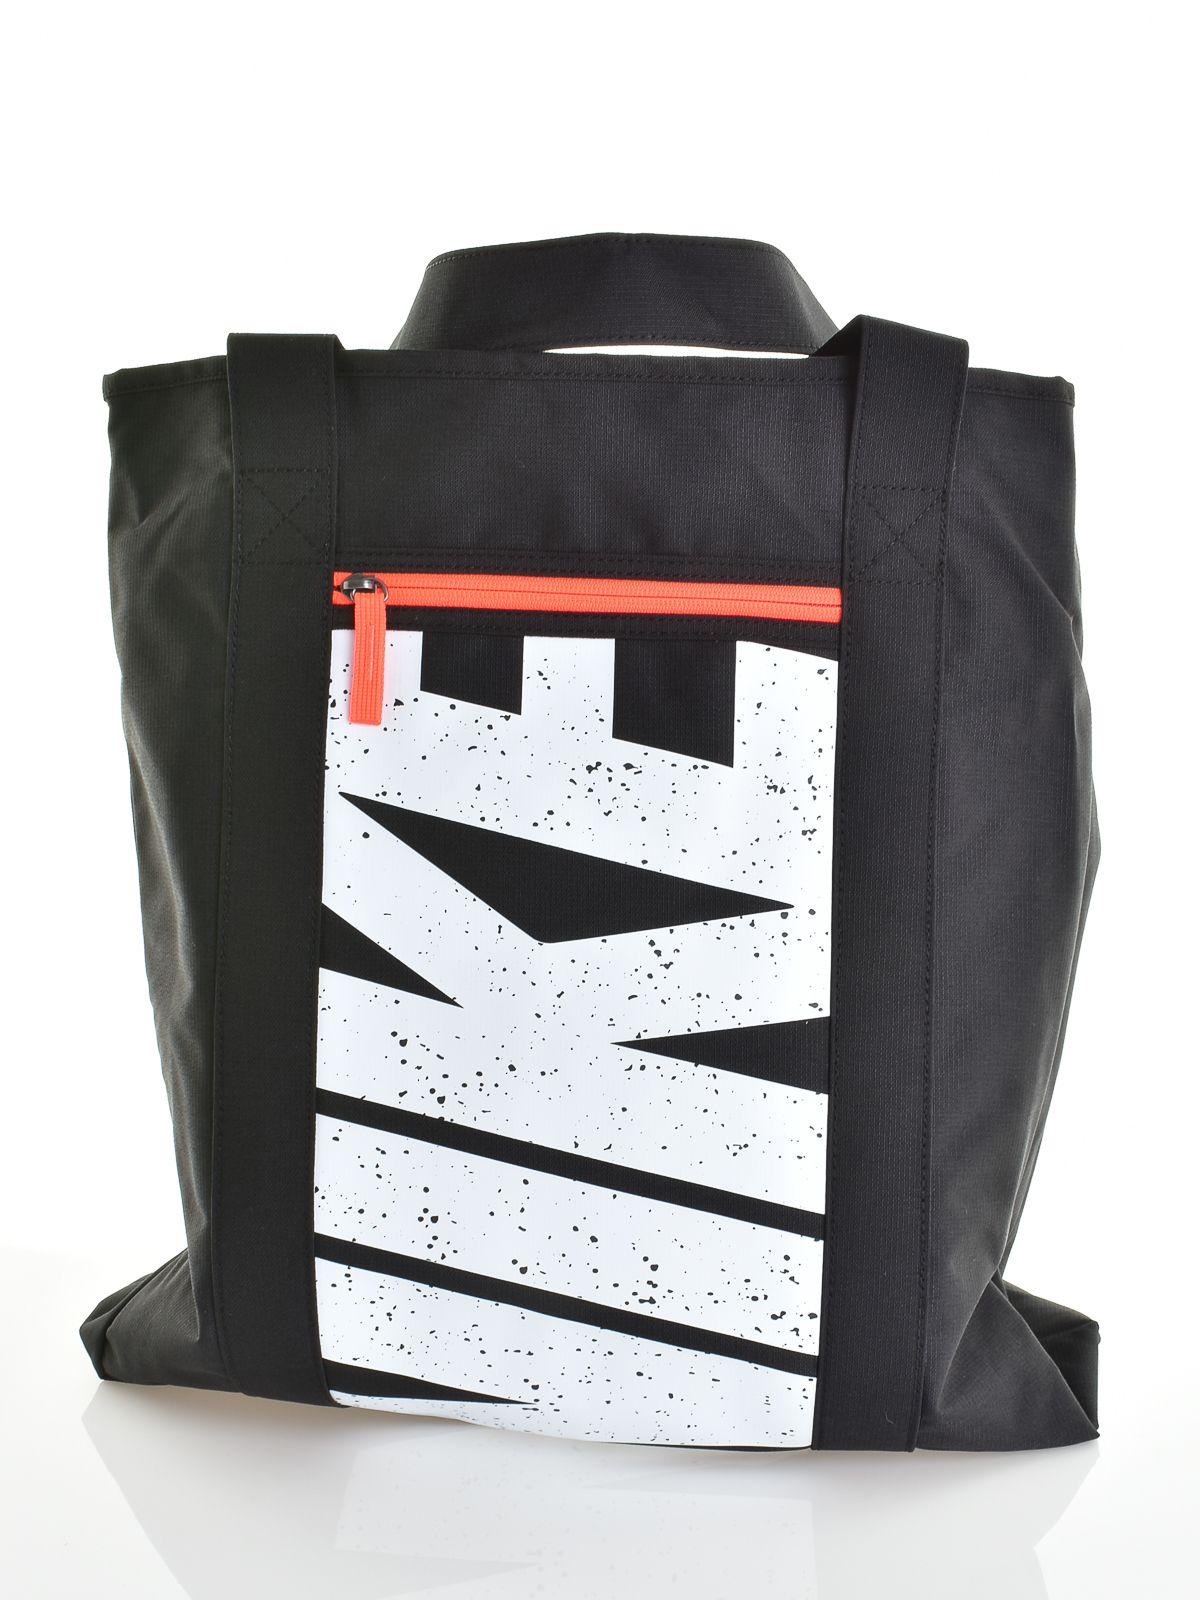 2c6f991ca054 Nike női sportos táska Gym | Markasbolt.hu Hivatalos NIKE forgalmazó